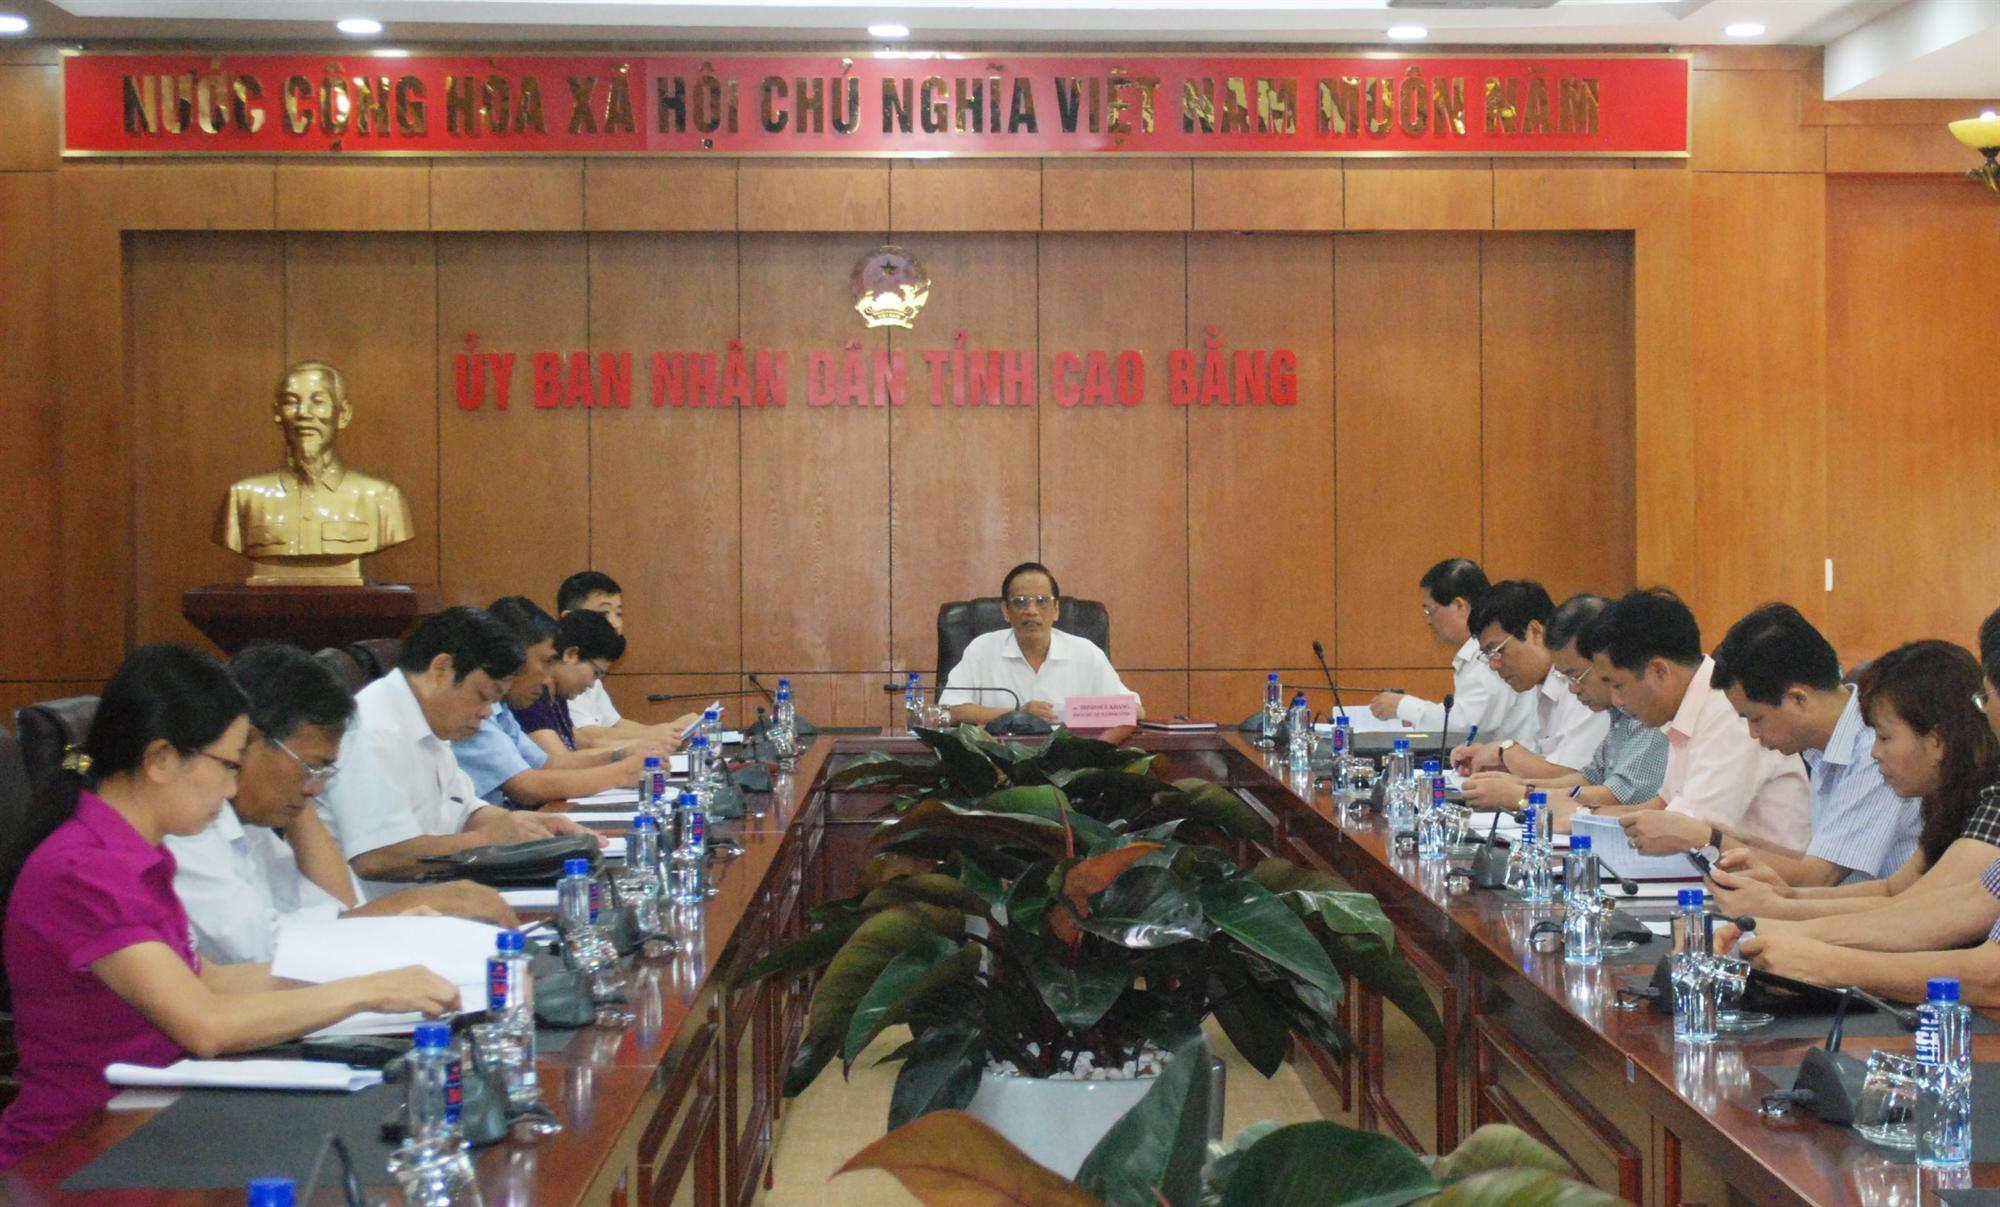 Công bố danh sách 03 đại biểu Quốc hội khóa XIV trúng cử tại đơn vị bầu cử số 1